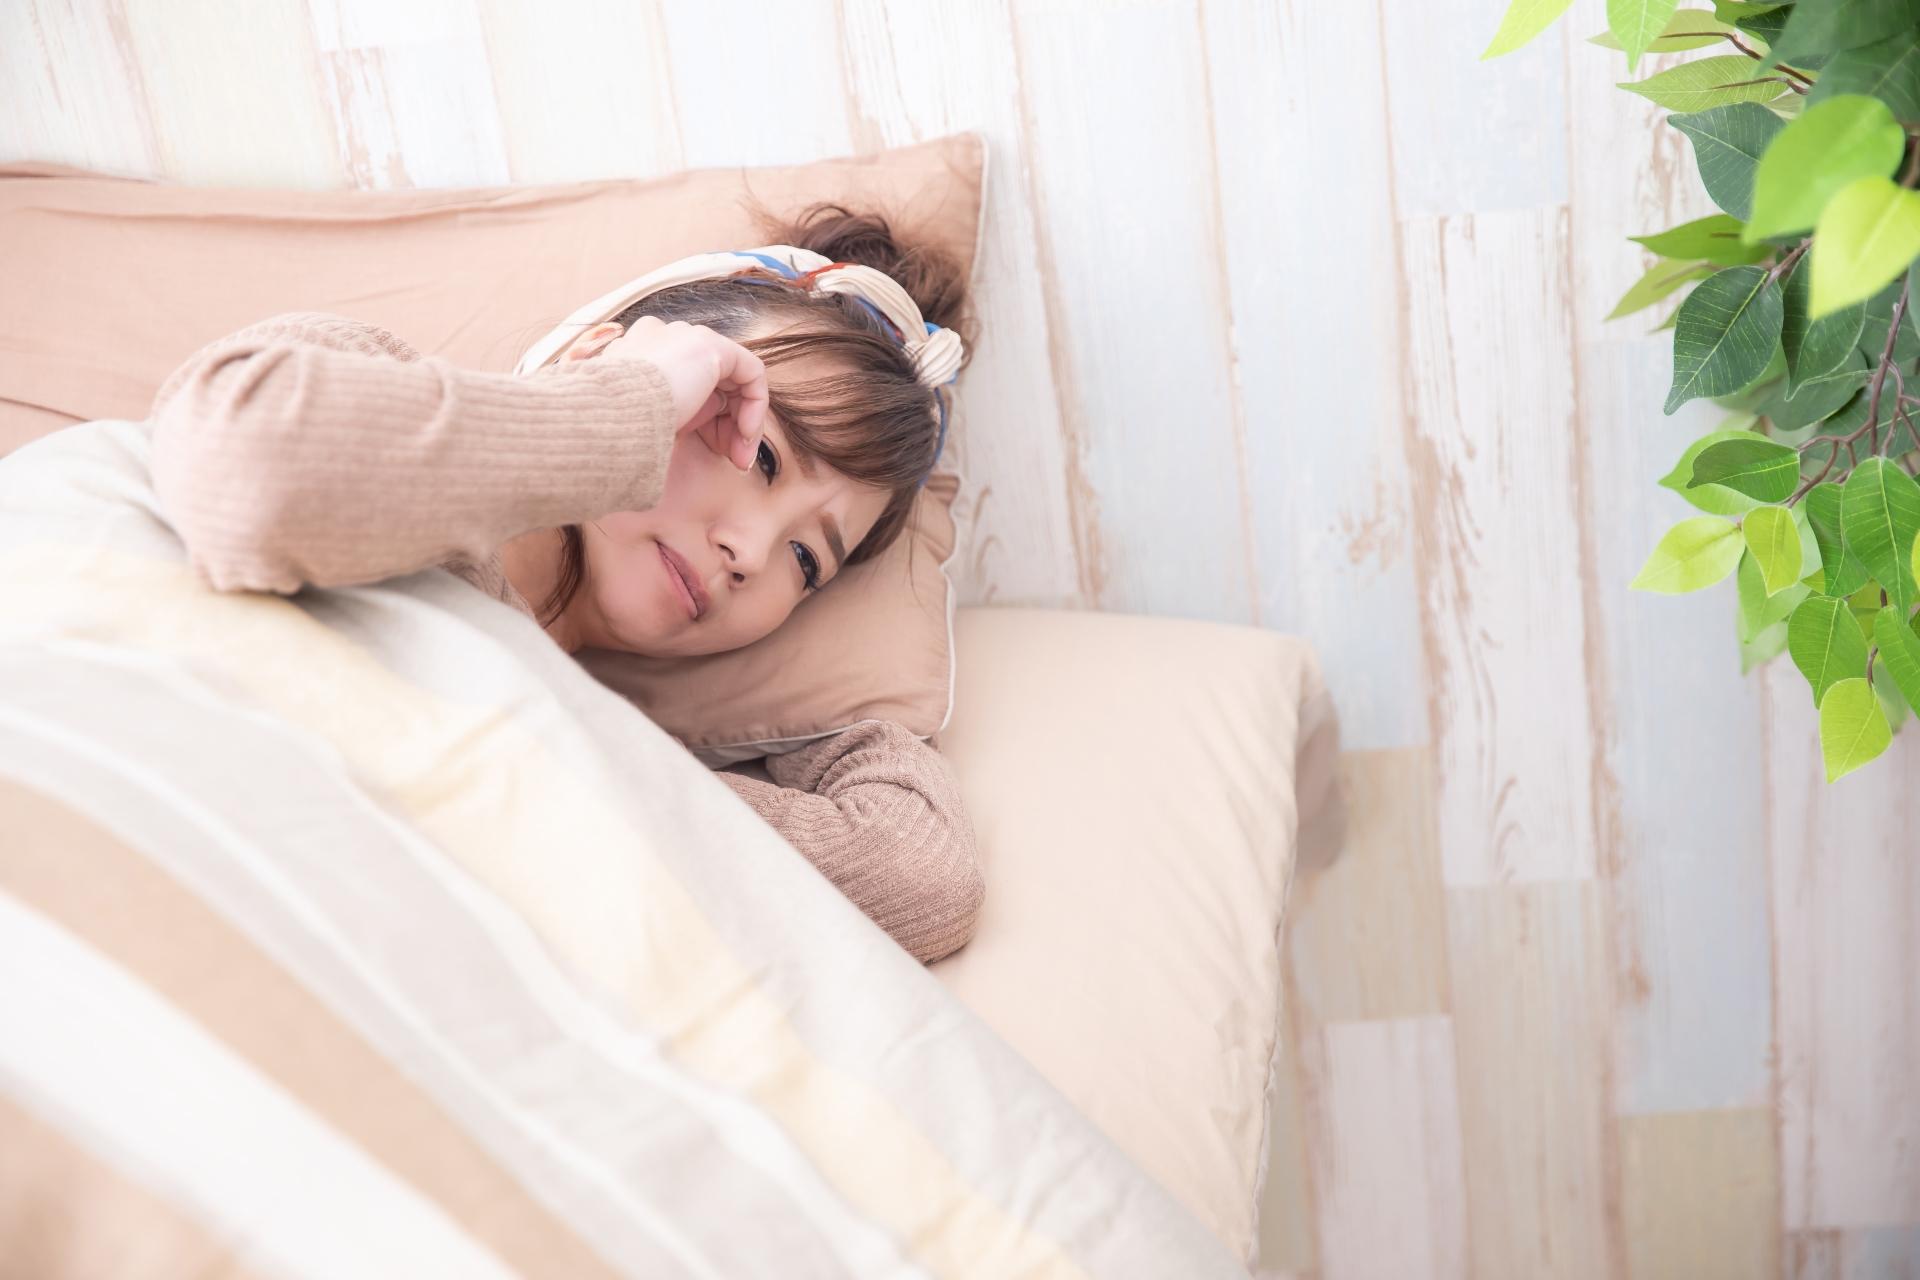 不眠への治療プログラム① 不眠とは